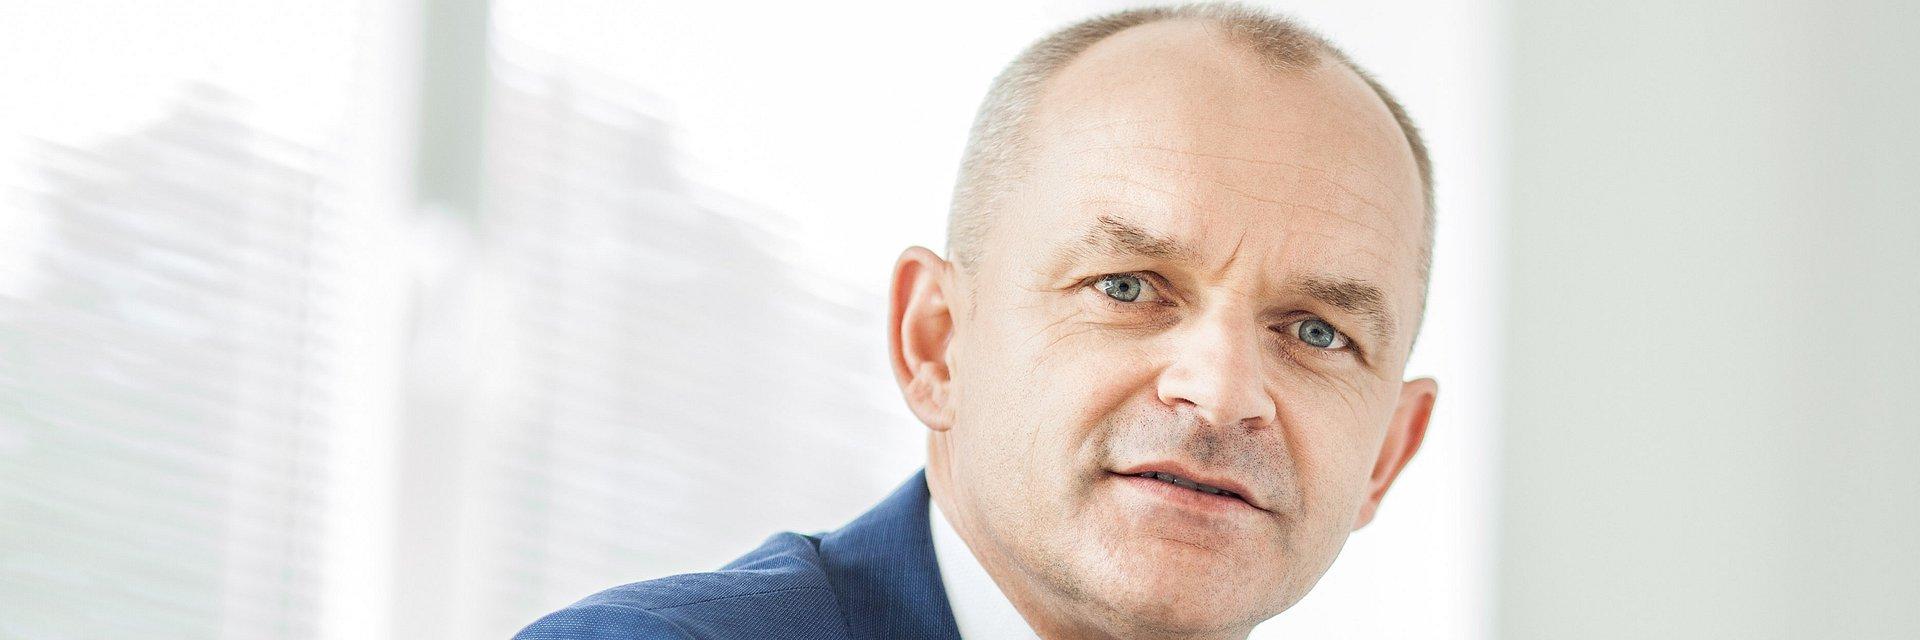 Prezes Wieltonu: w gospodarce widać oznaki spowolnienia, dlatego jako branża transportowa musimy wrzucić trzeci bieg, żeby zachować udziały w rynku